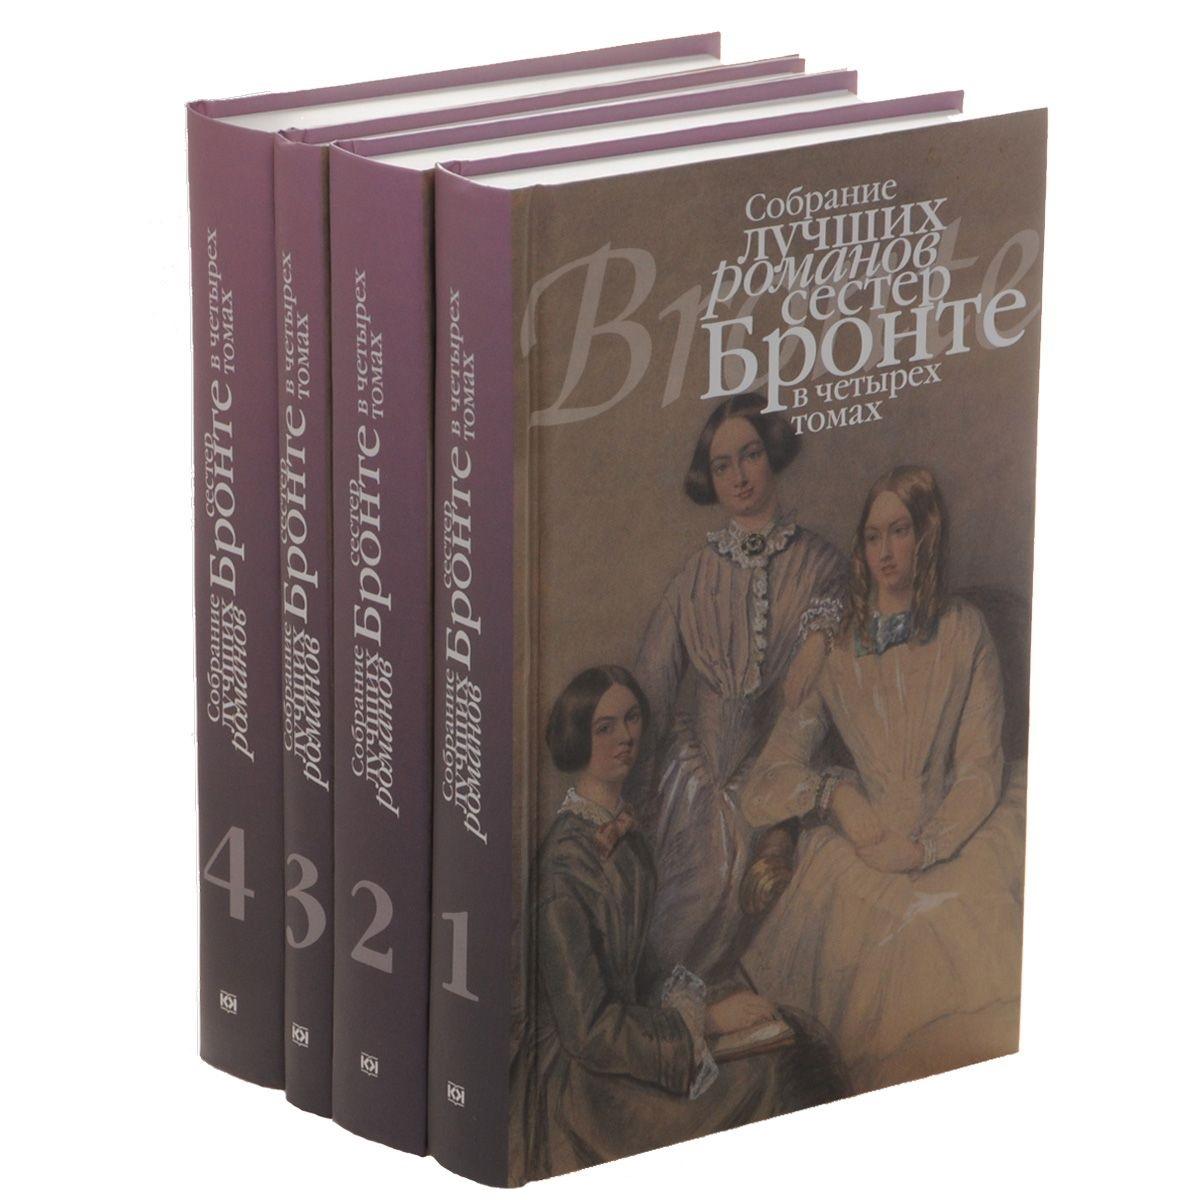 Бронте Ш., Бронте Э., Бронте Э. Собрание лучших романов сестер Бронте в четырех томах (комплект из 4 книг) луи буссенар собрание романов комплект из 20 книг